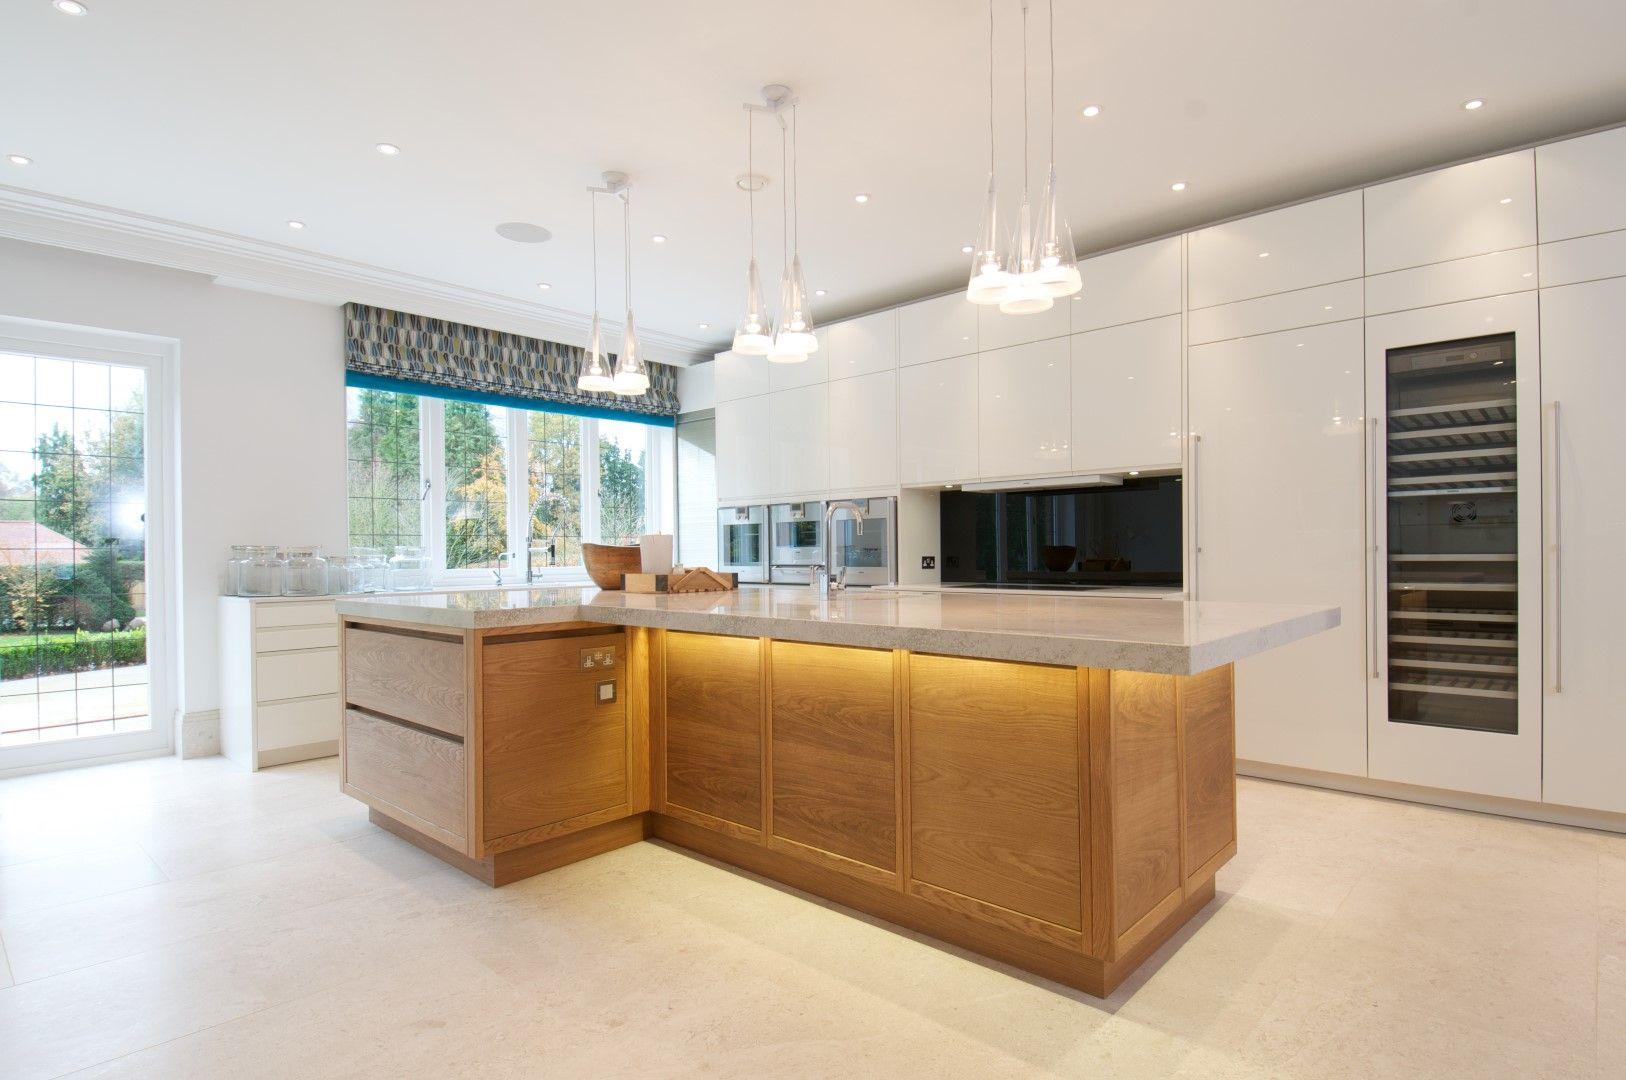 contemporary kitchen design by kca contemporary kitchen contemporary kitchen design kitchen on c kitchen design id=64574